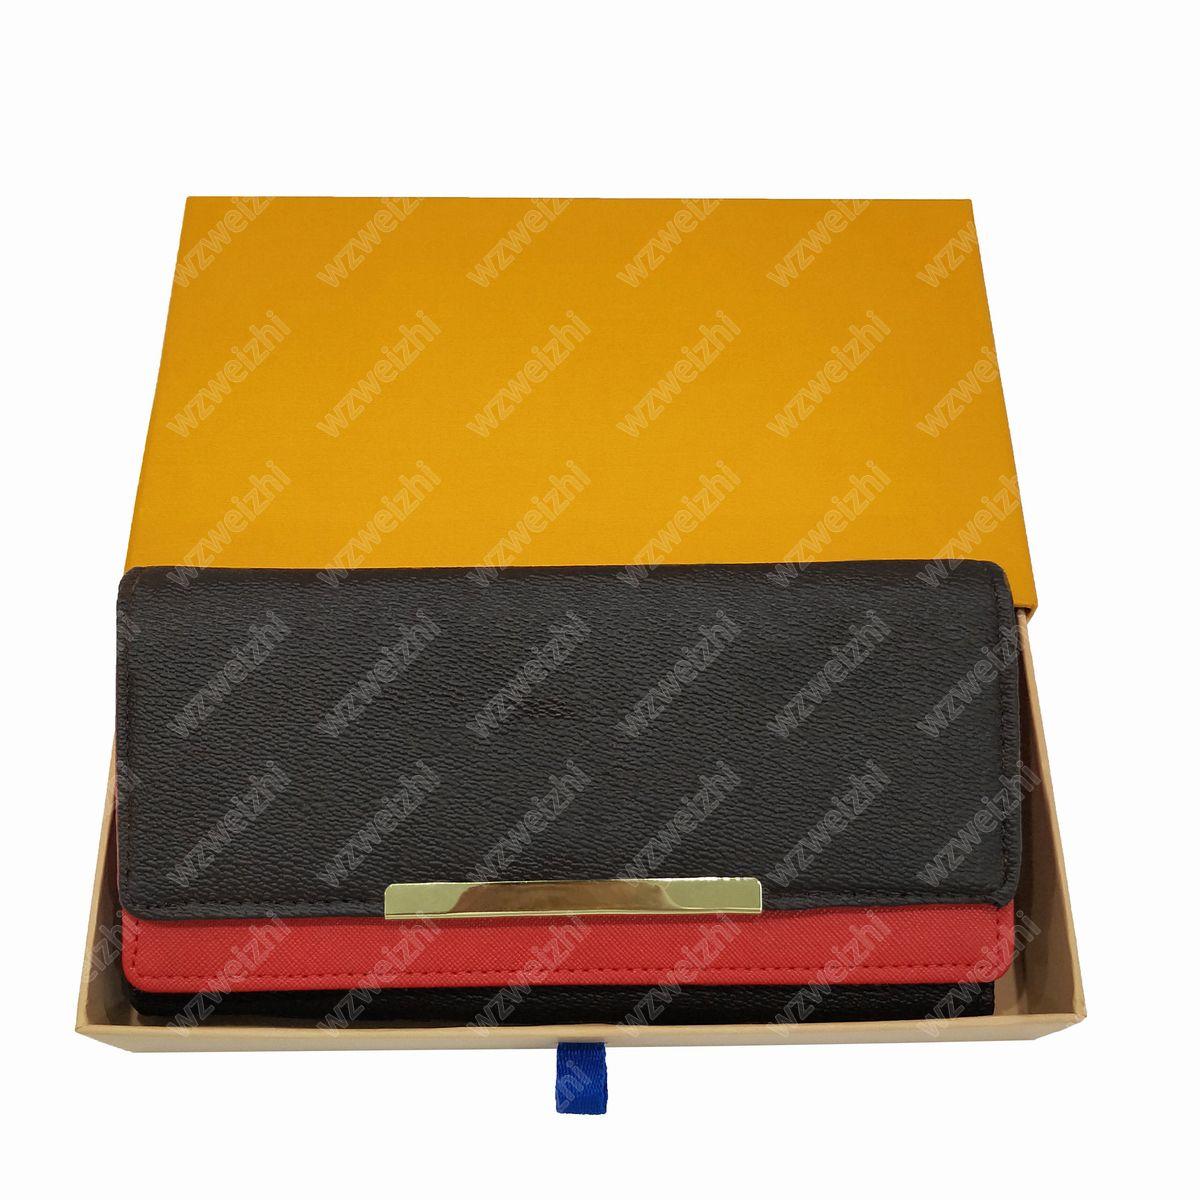 Yeni En Yüksek Kalite Moda Çanta Kart Tutucu Debriyaj Çanta Billfold Yüksek Kaliteli Deri Presbiyopik Cüzdan Çanta Kadın Uzun Katlanır Pocketbook